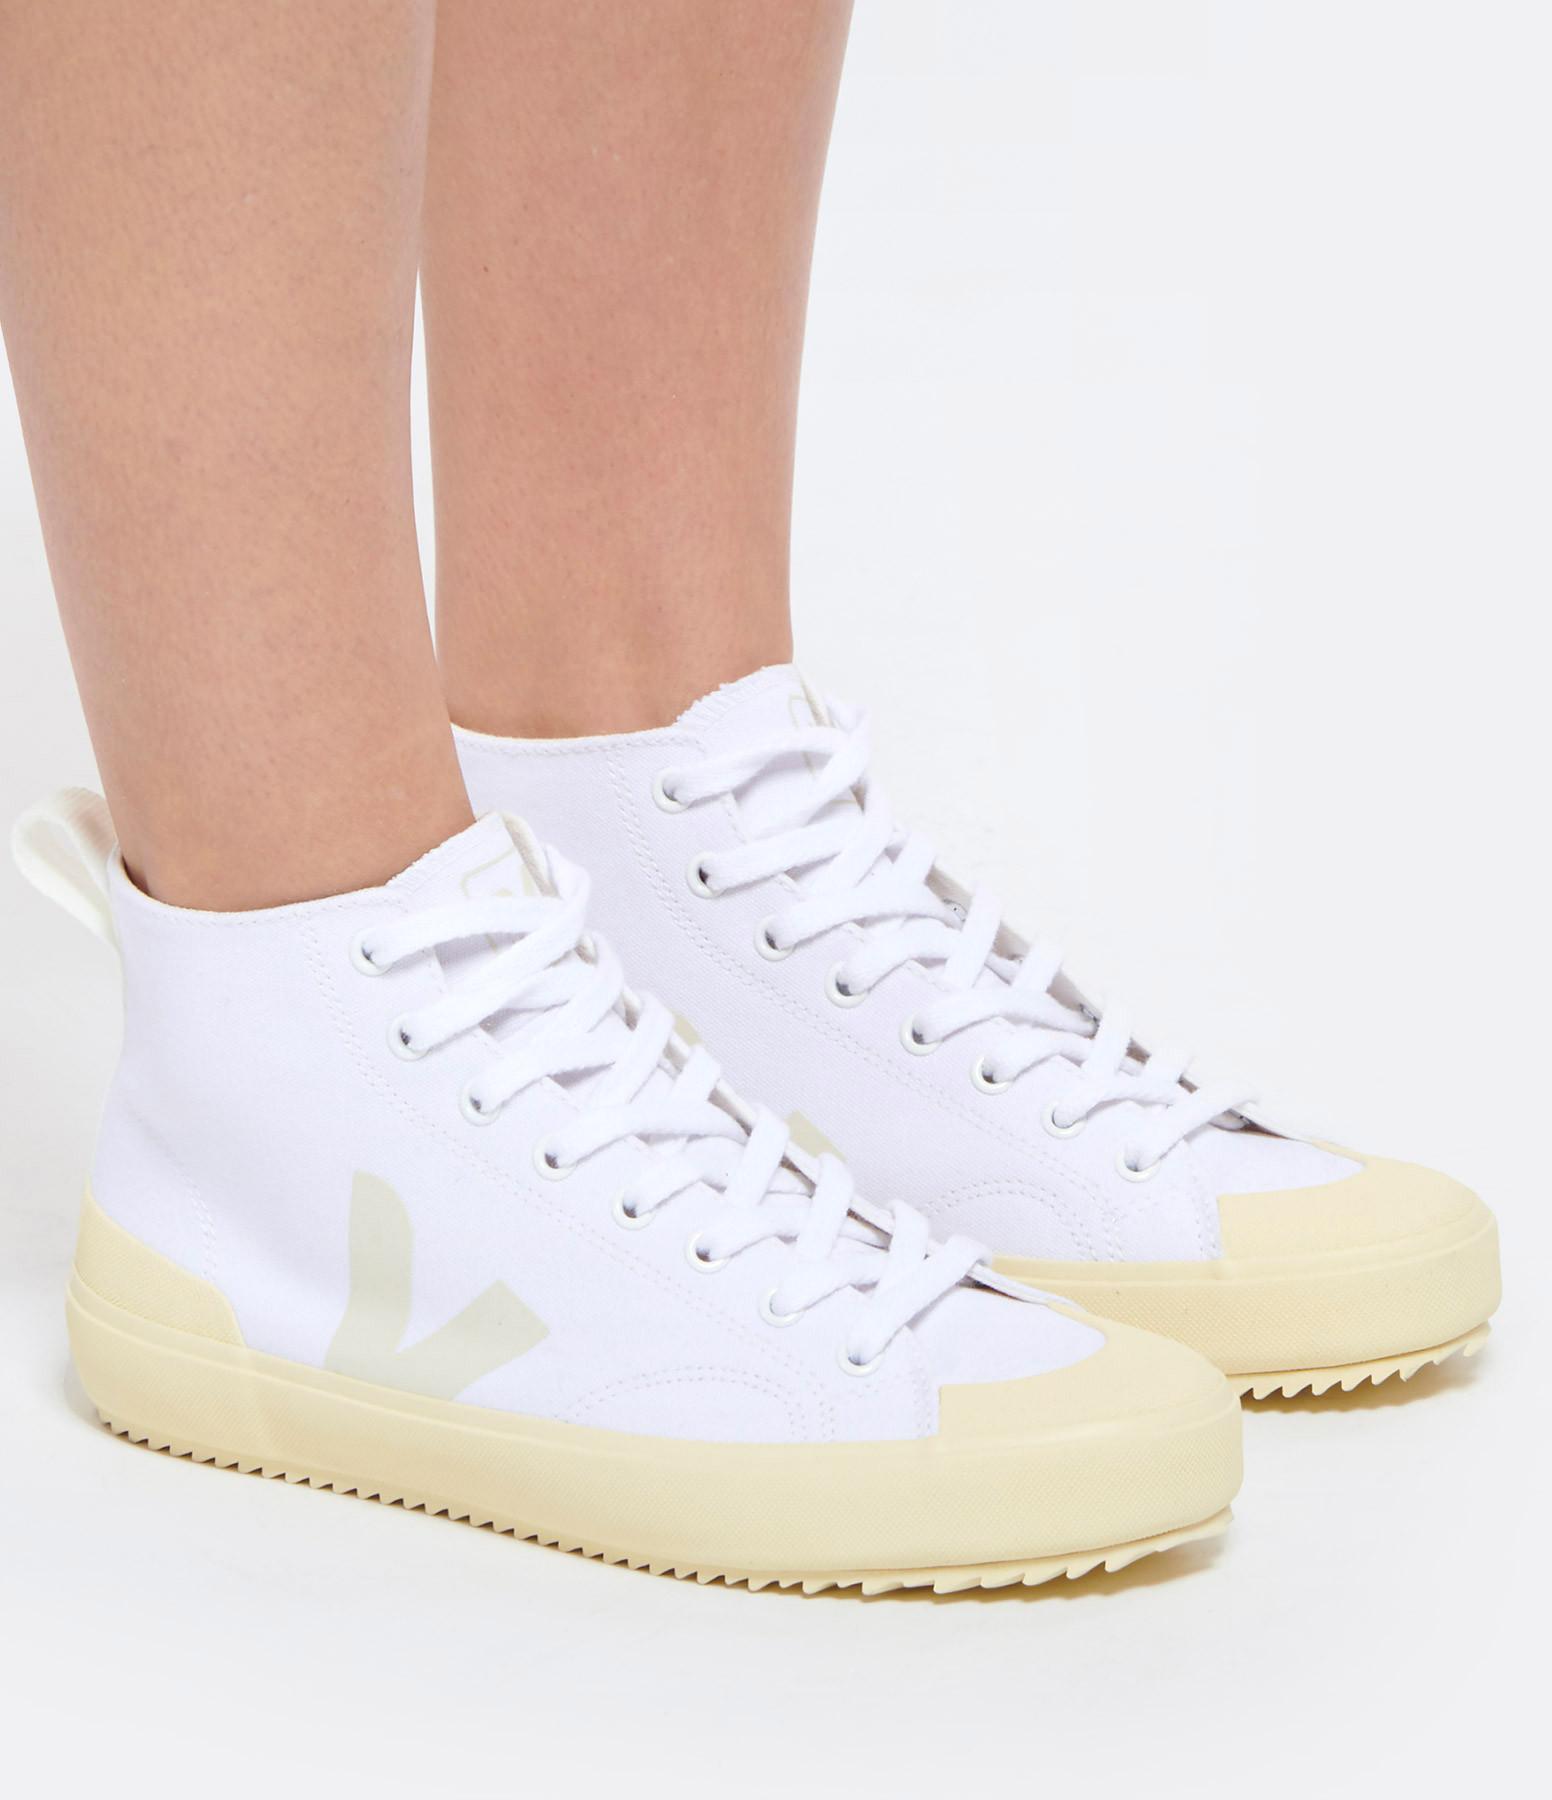 VEJA - Baskets Nova HT Canvas Blanc Butter Sole